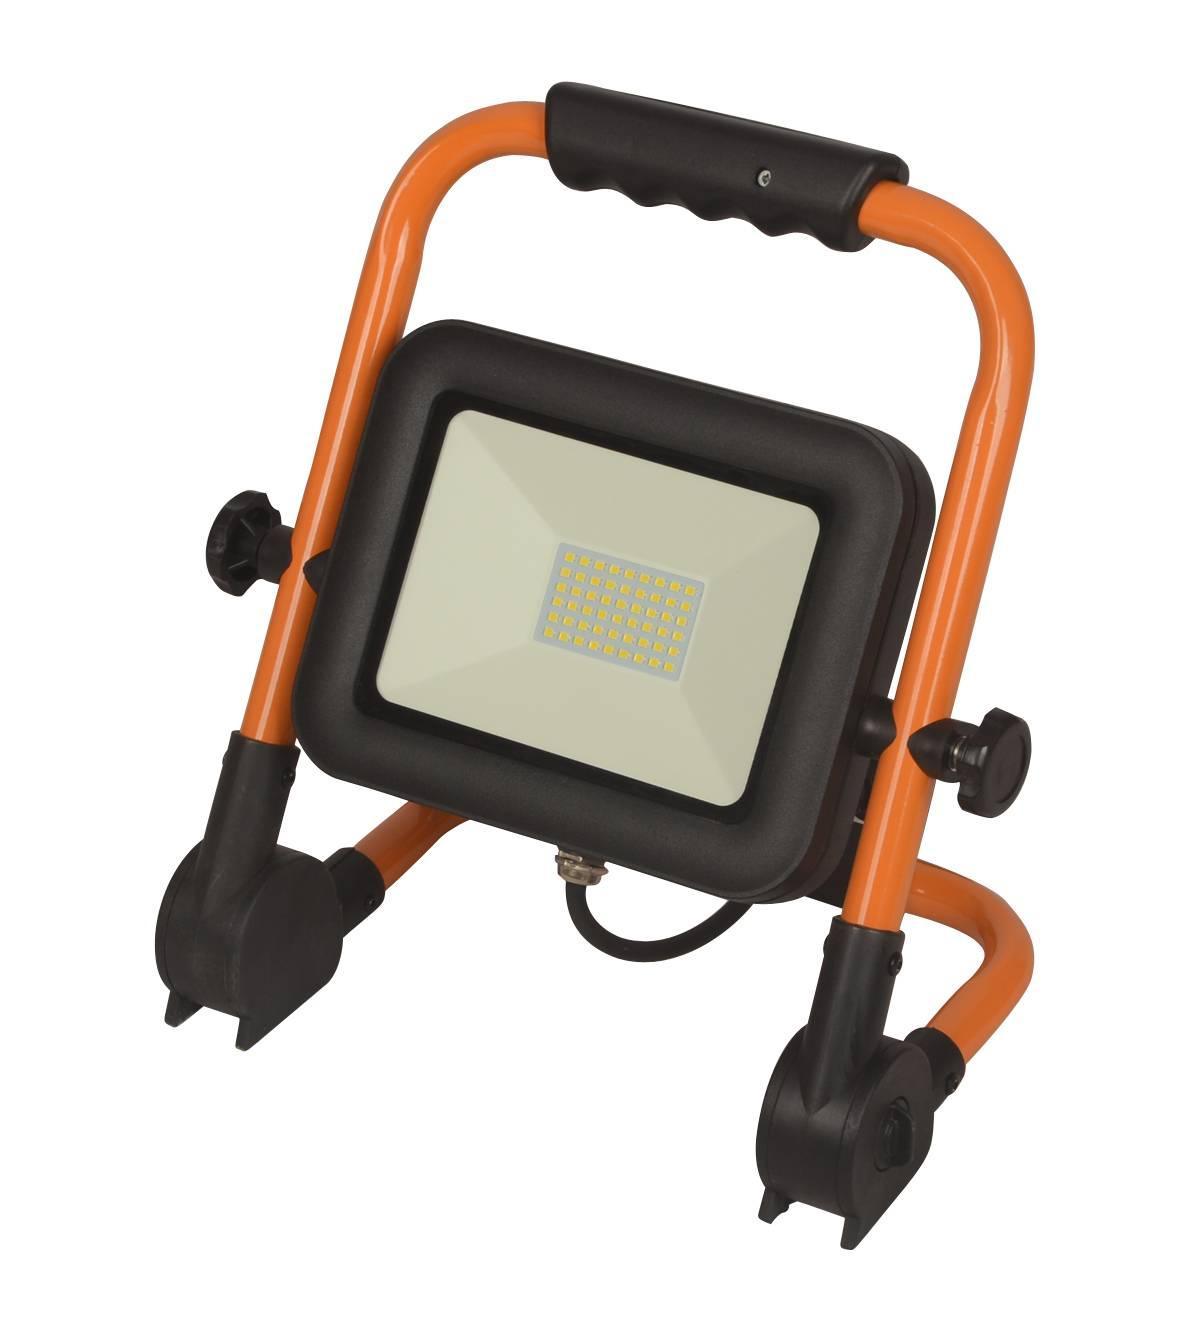 LED Baustrahler Fluter Pro 30W 6500K